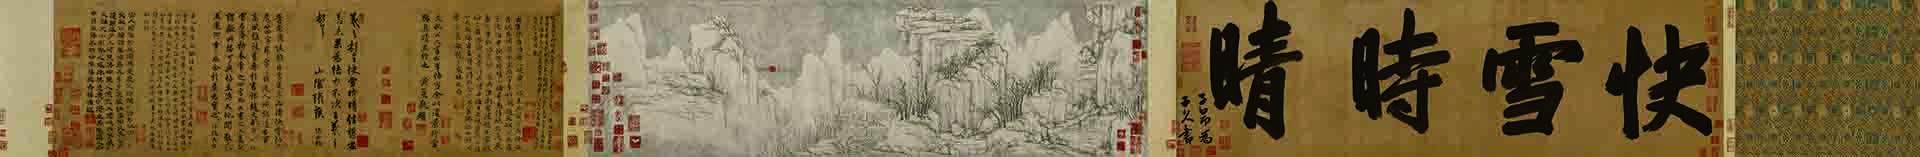 元 黄公望快雪时晴图(全卷)纸本29.7x104.6